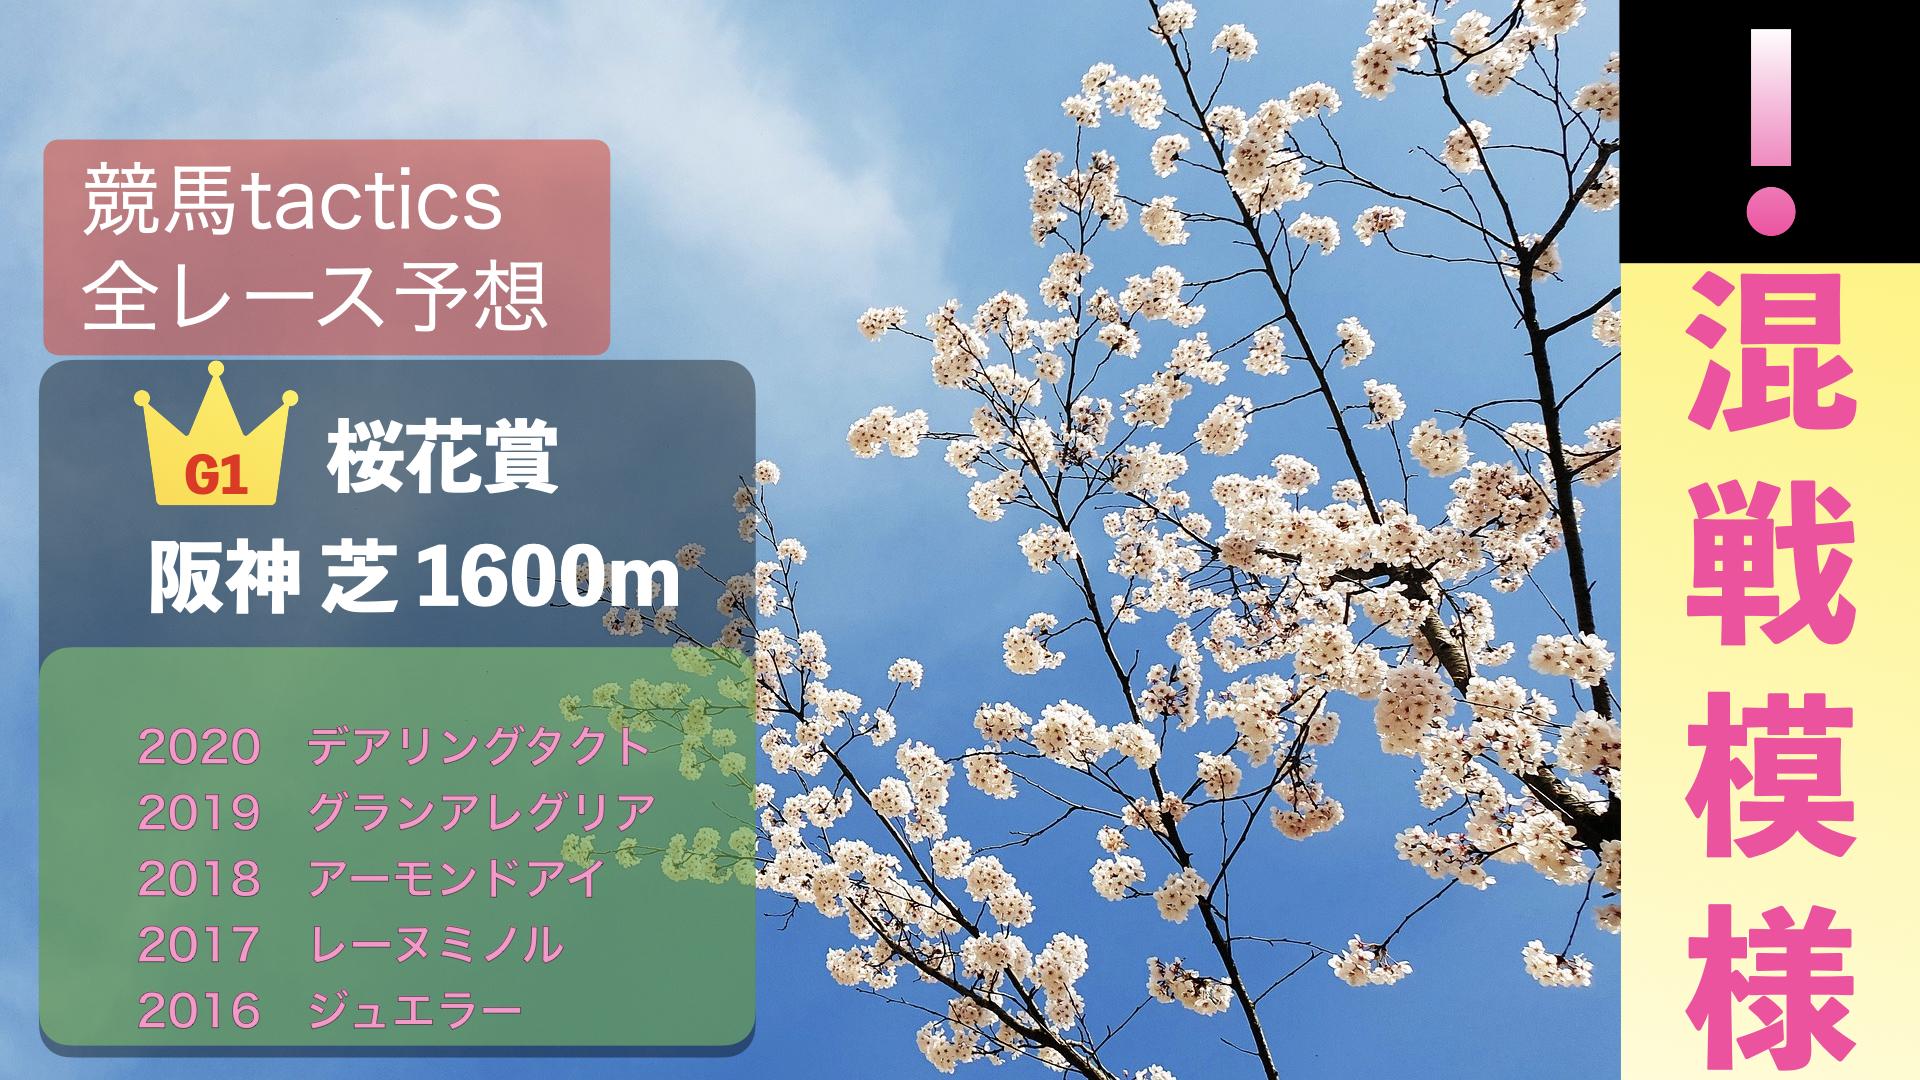 2021.4.11(日)第81回桜花賞(G1)阪神競馬場 芝1600m 右回り